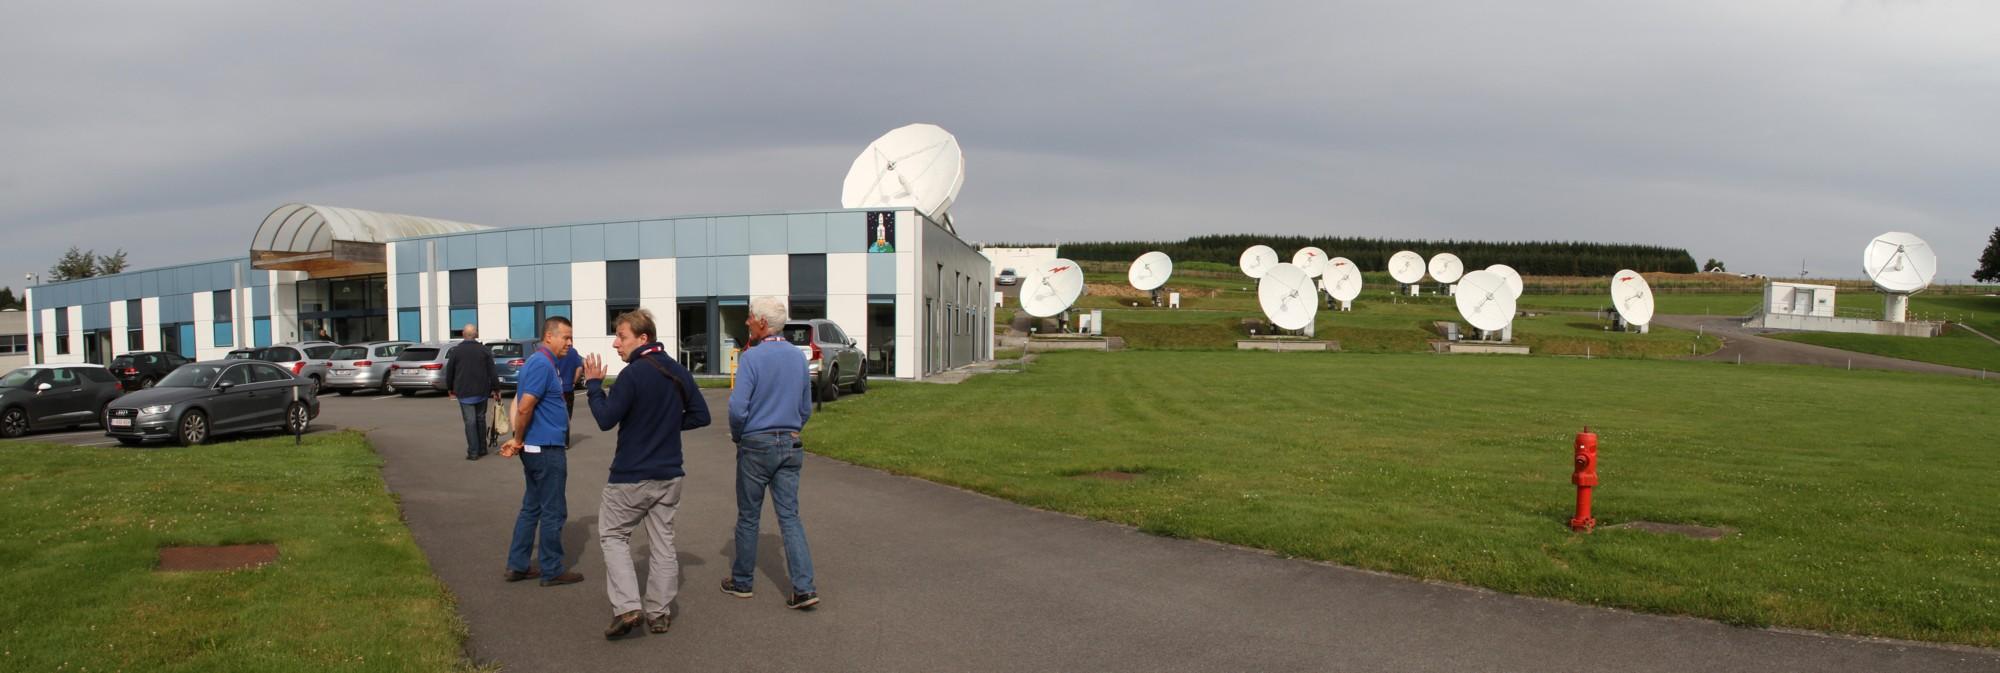 16 08 11 - 10h 25m 51s - Visite ESA Redu avec Mars Society Belgium_stitch tr